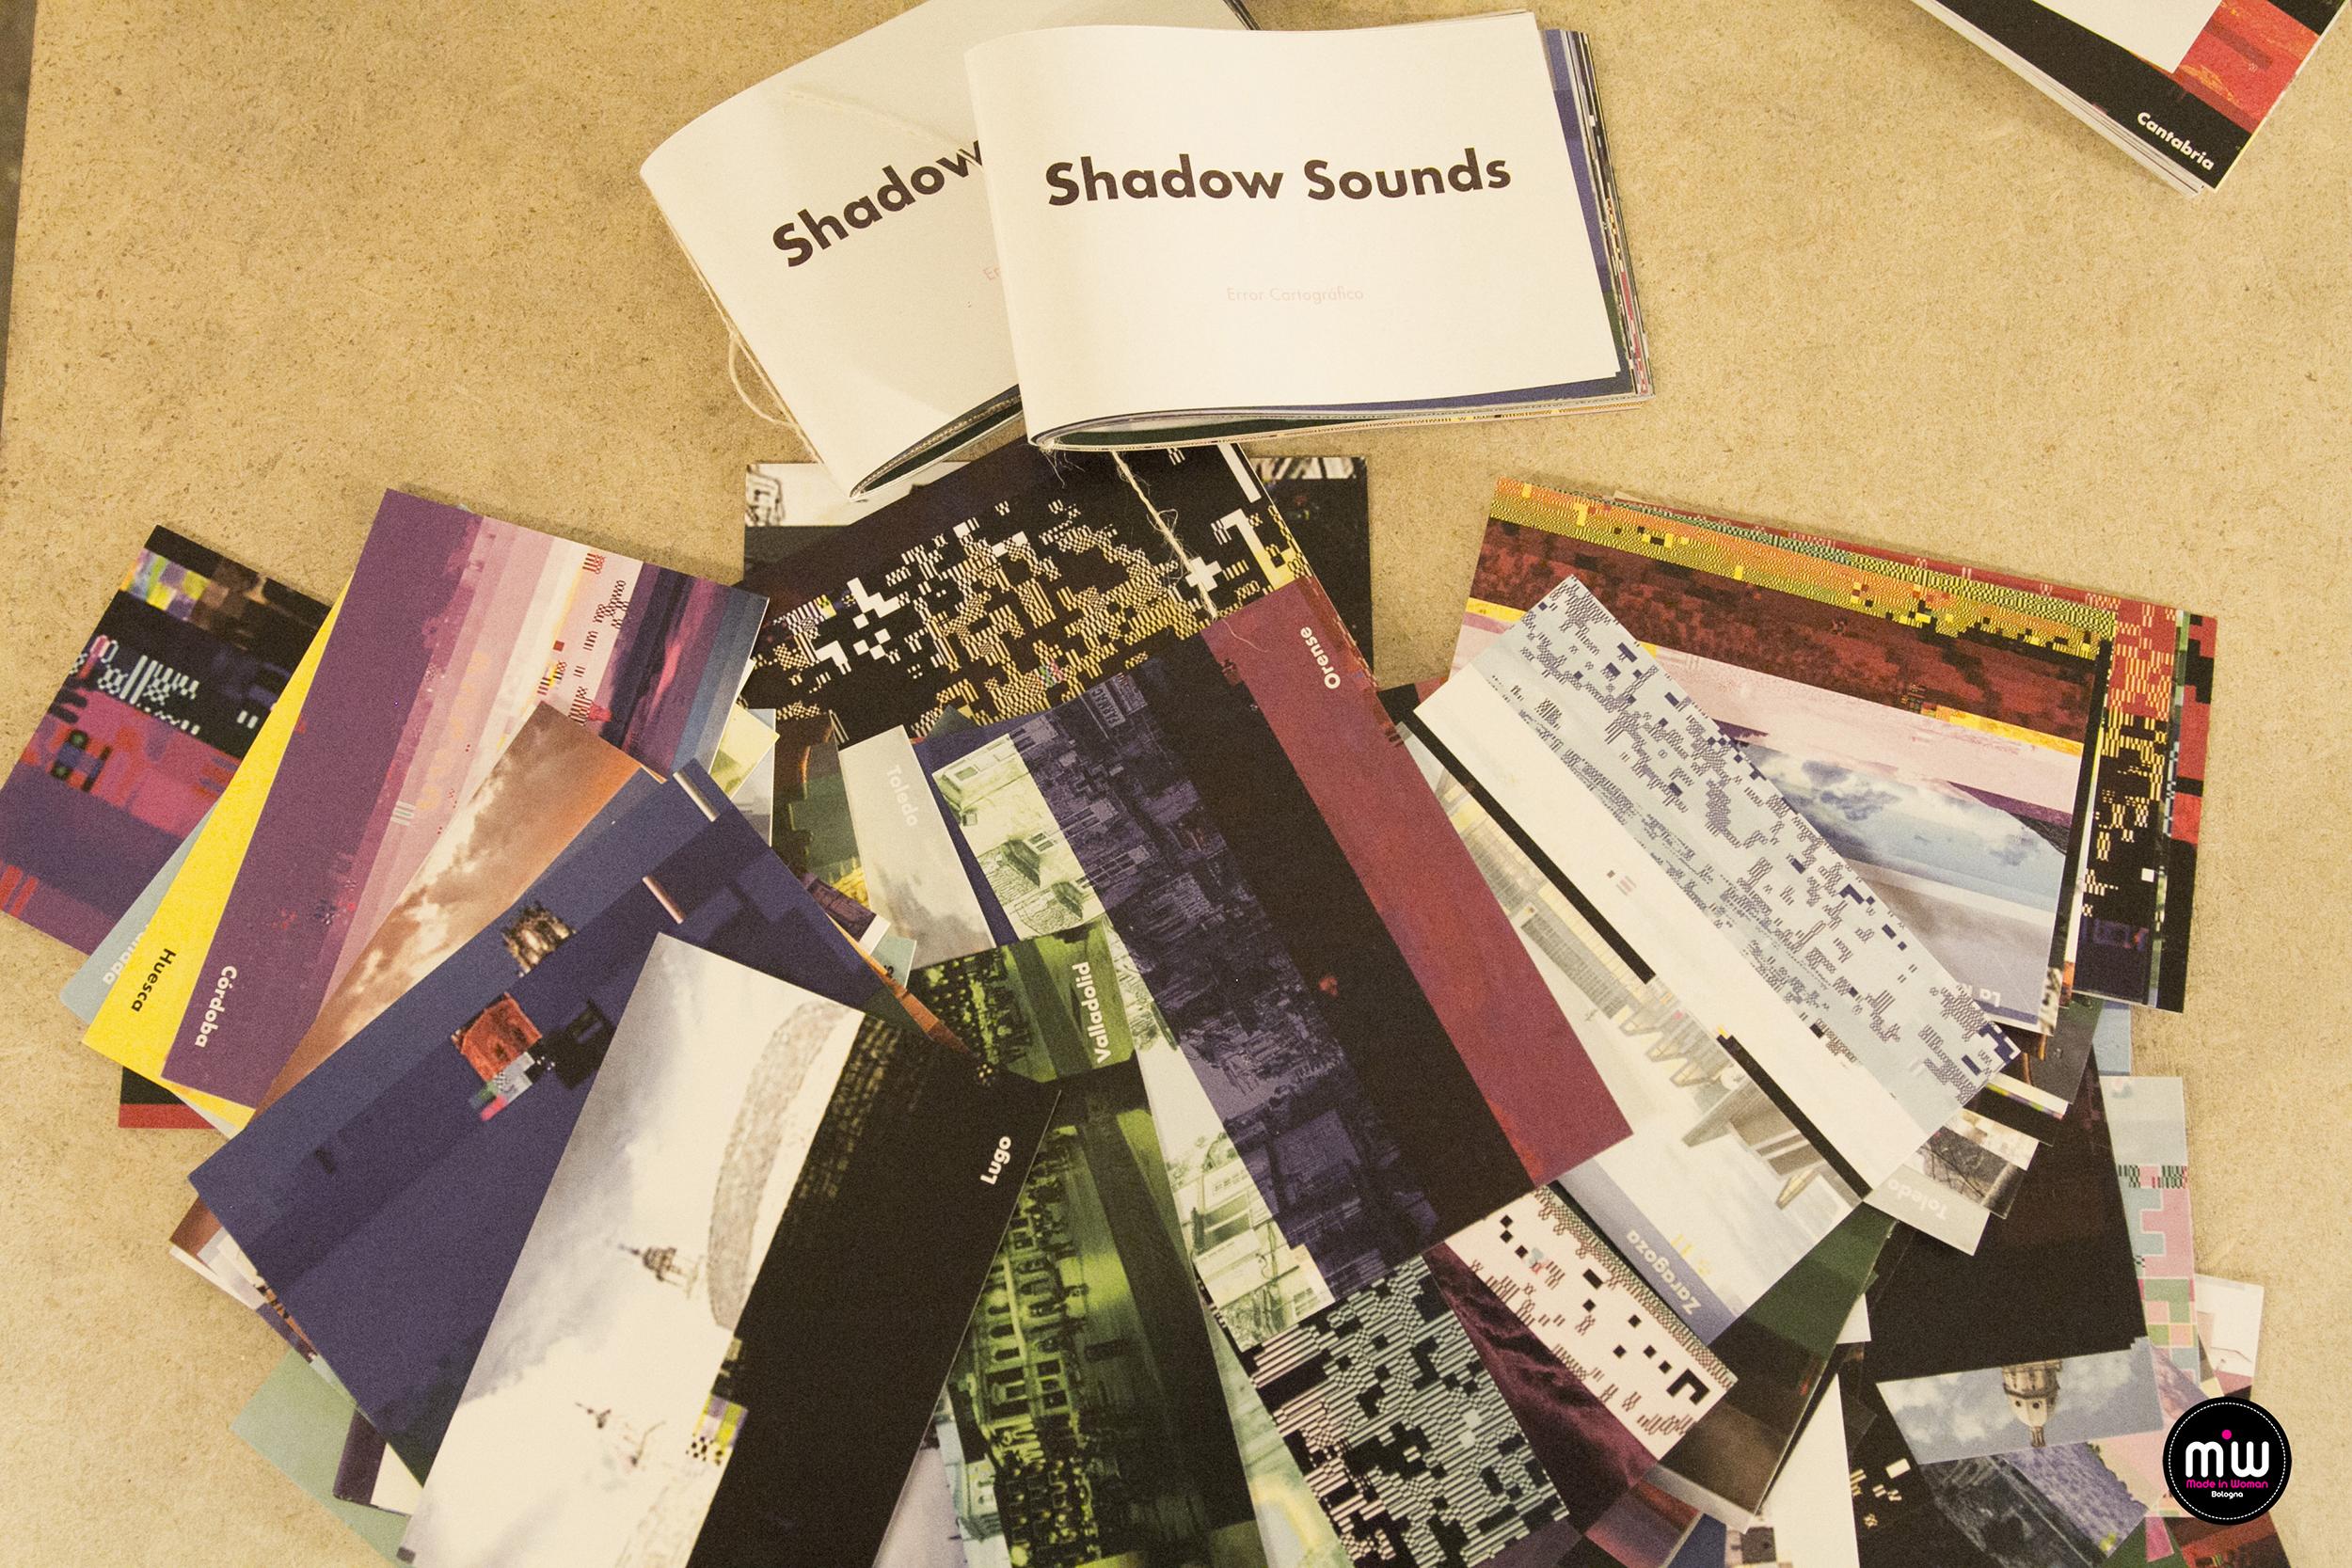 Shadowsounds